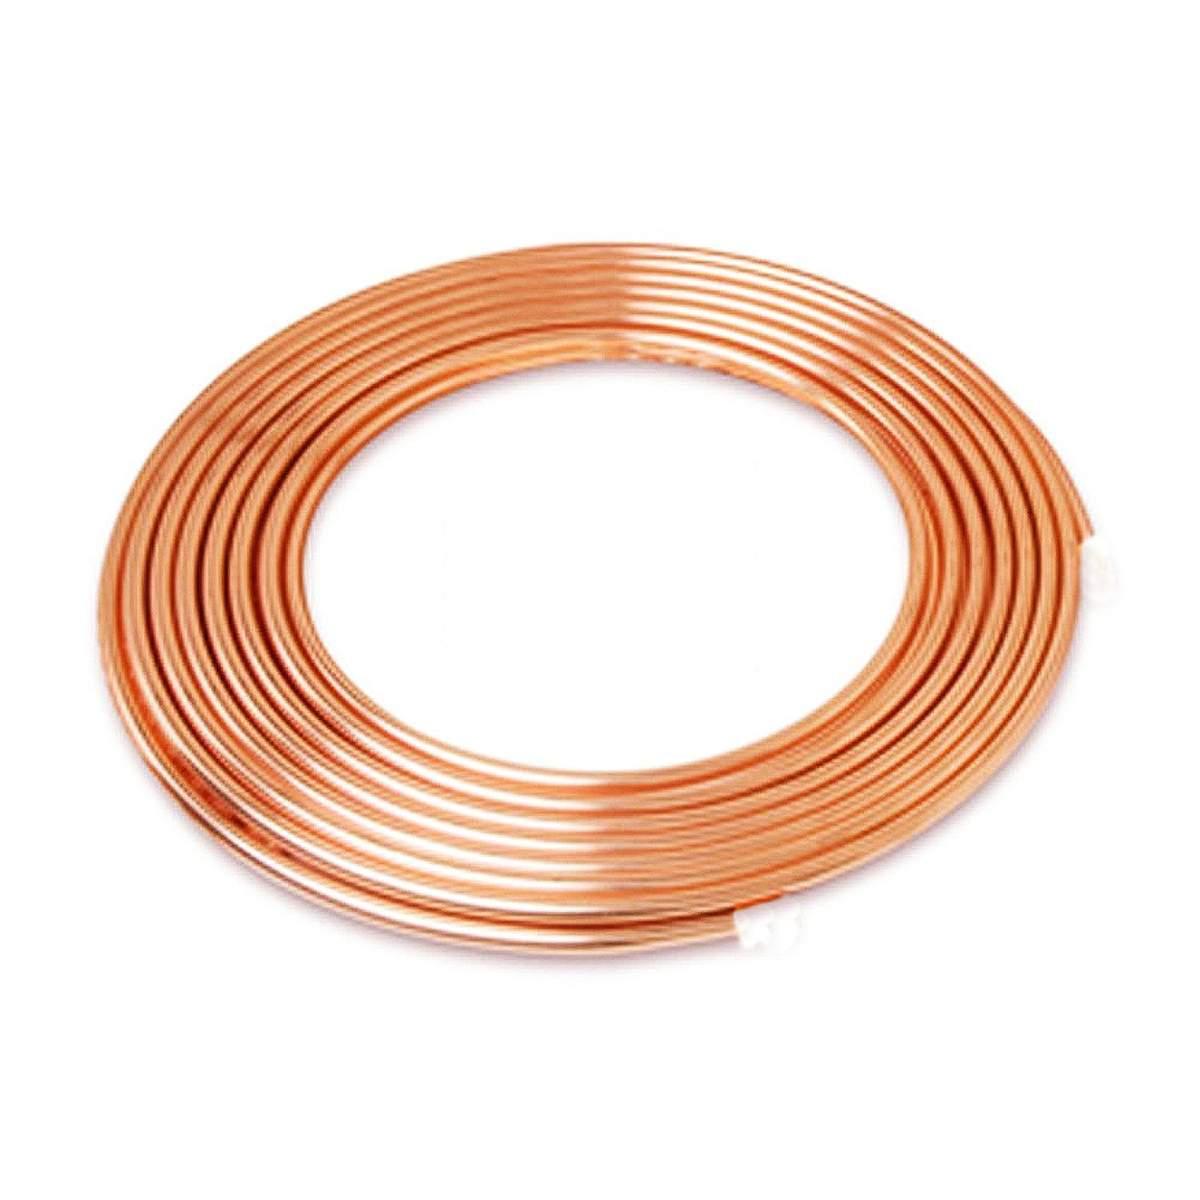 5/16 pouce diamètre 5m bobine souple cuivre laiton Tube tuyau climatiseur tuyau de cuivre réfrigérant gaz Tube bricolage refroidissement - 2